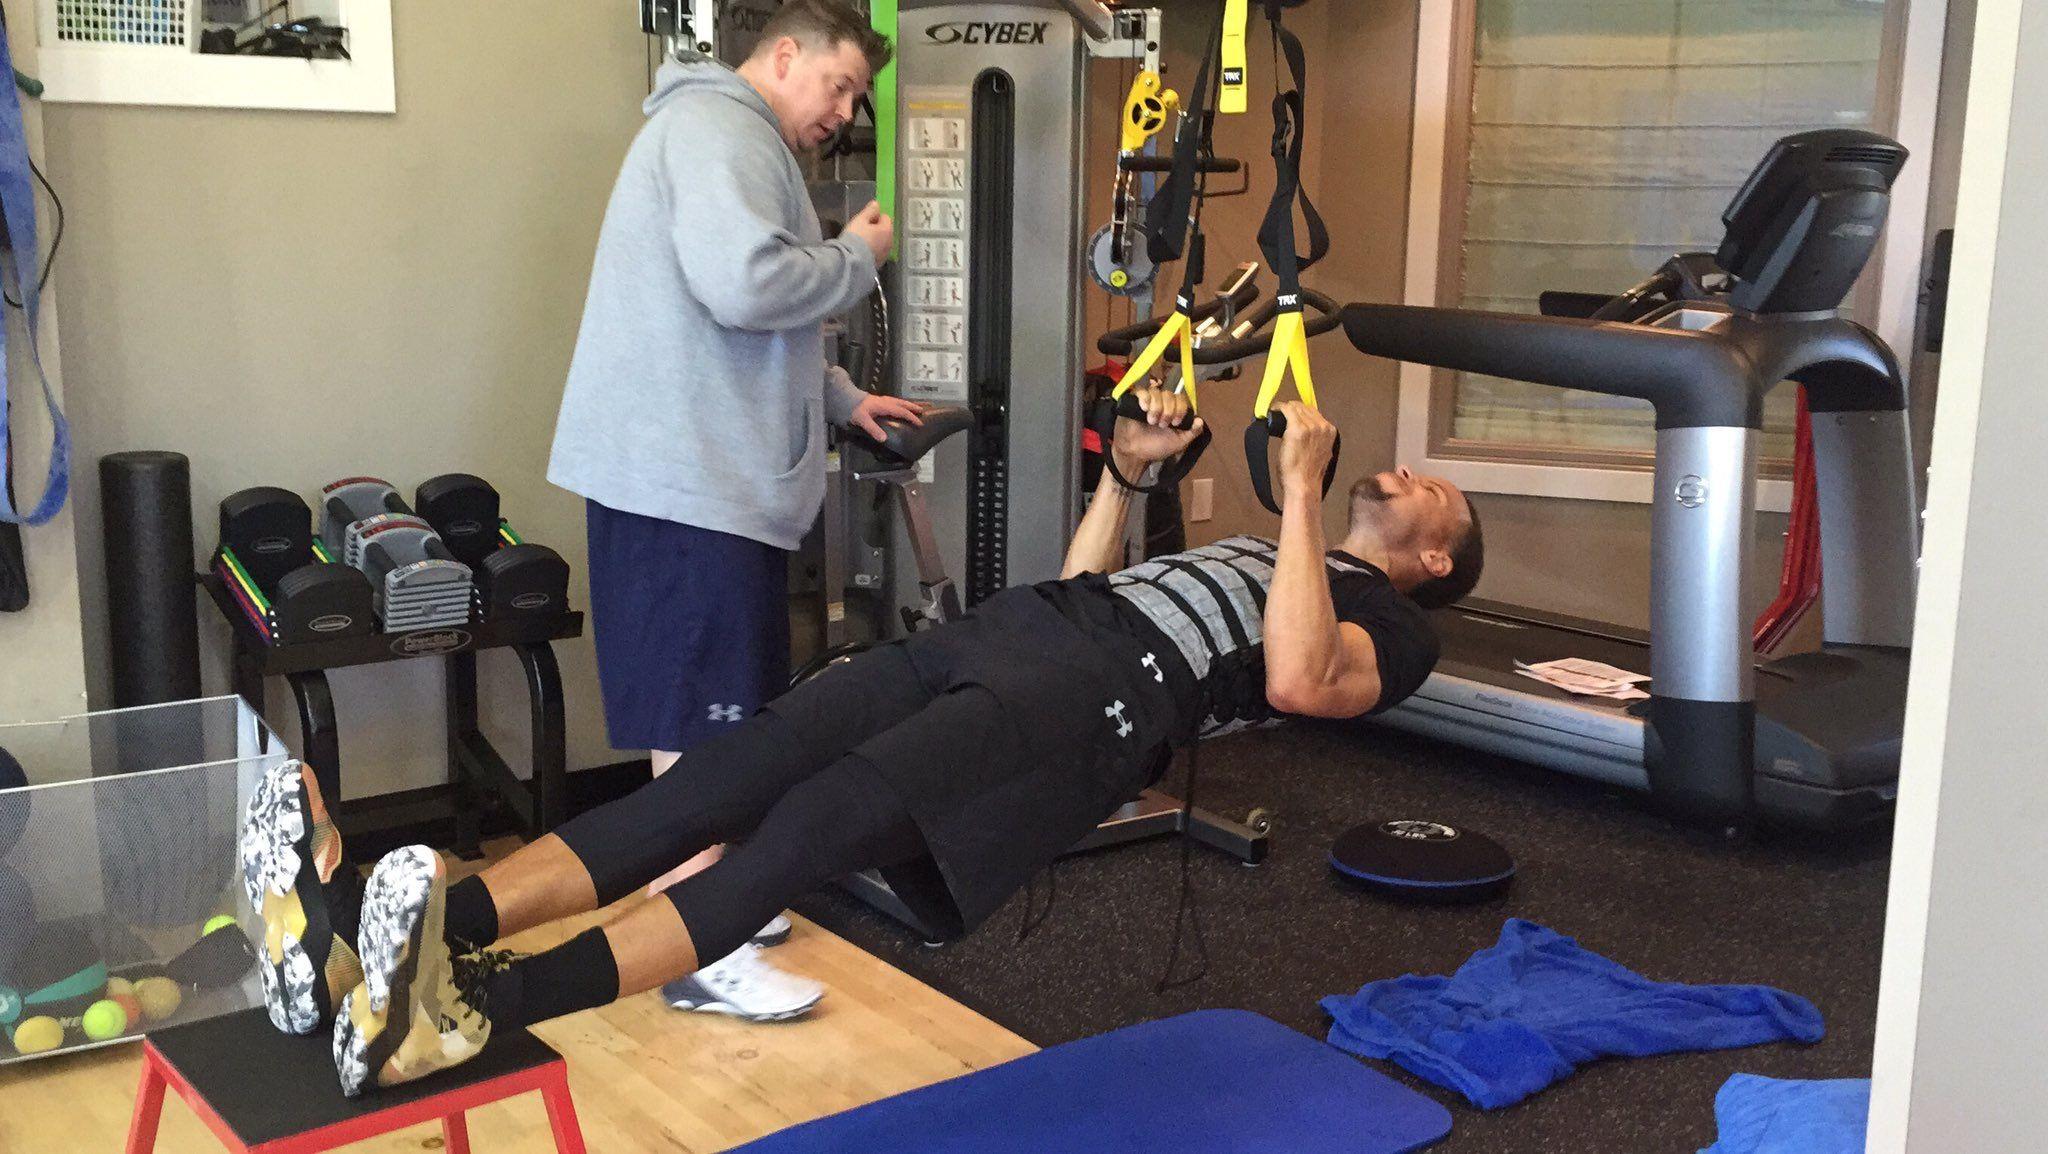 球員抱怨獨自訓練難!訓練師:像Curry這樣有錢,你才能好好練!-Haters-黑特籃球NBA新聞影音圖片分享社區